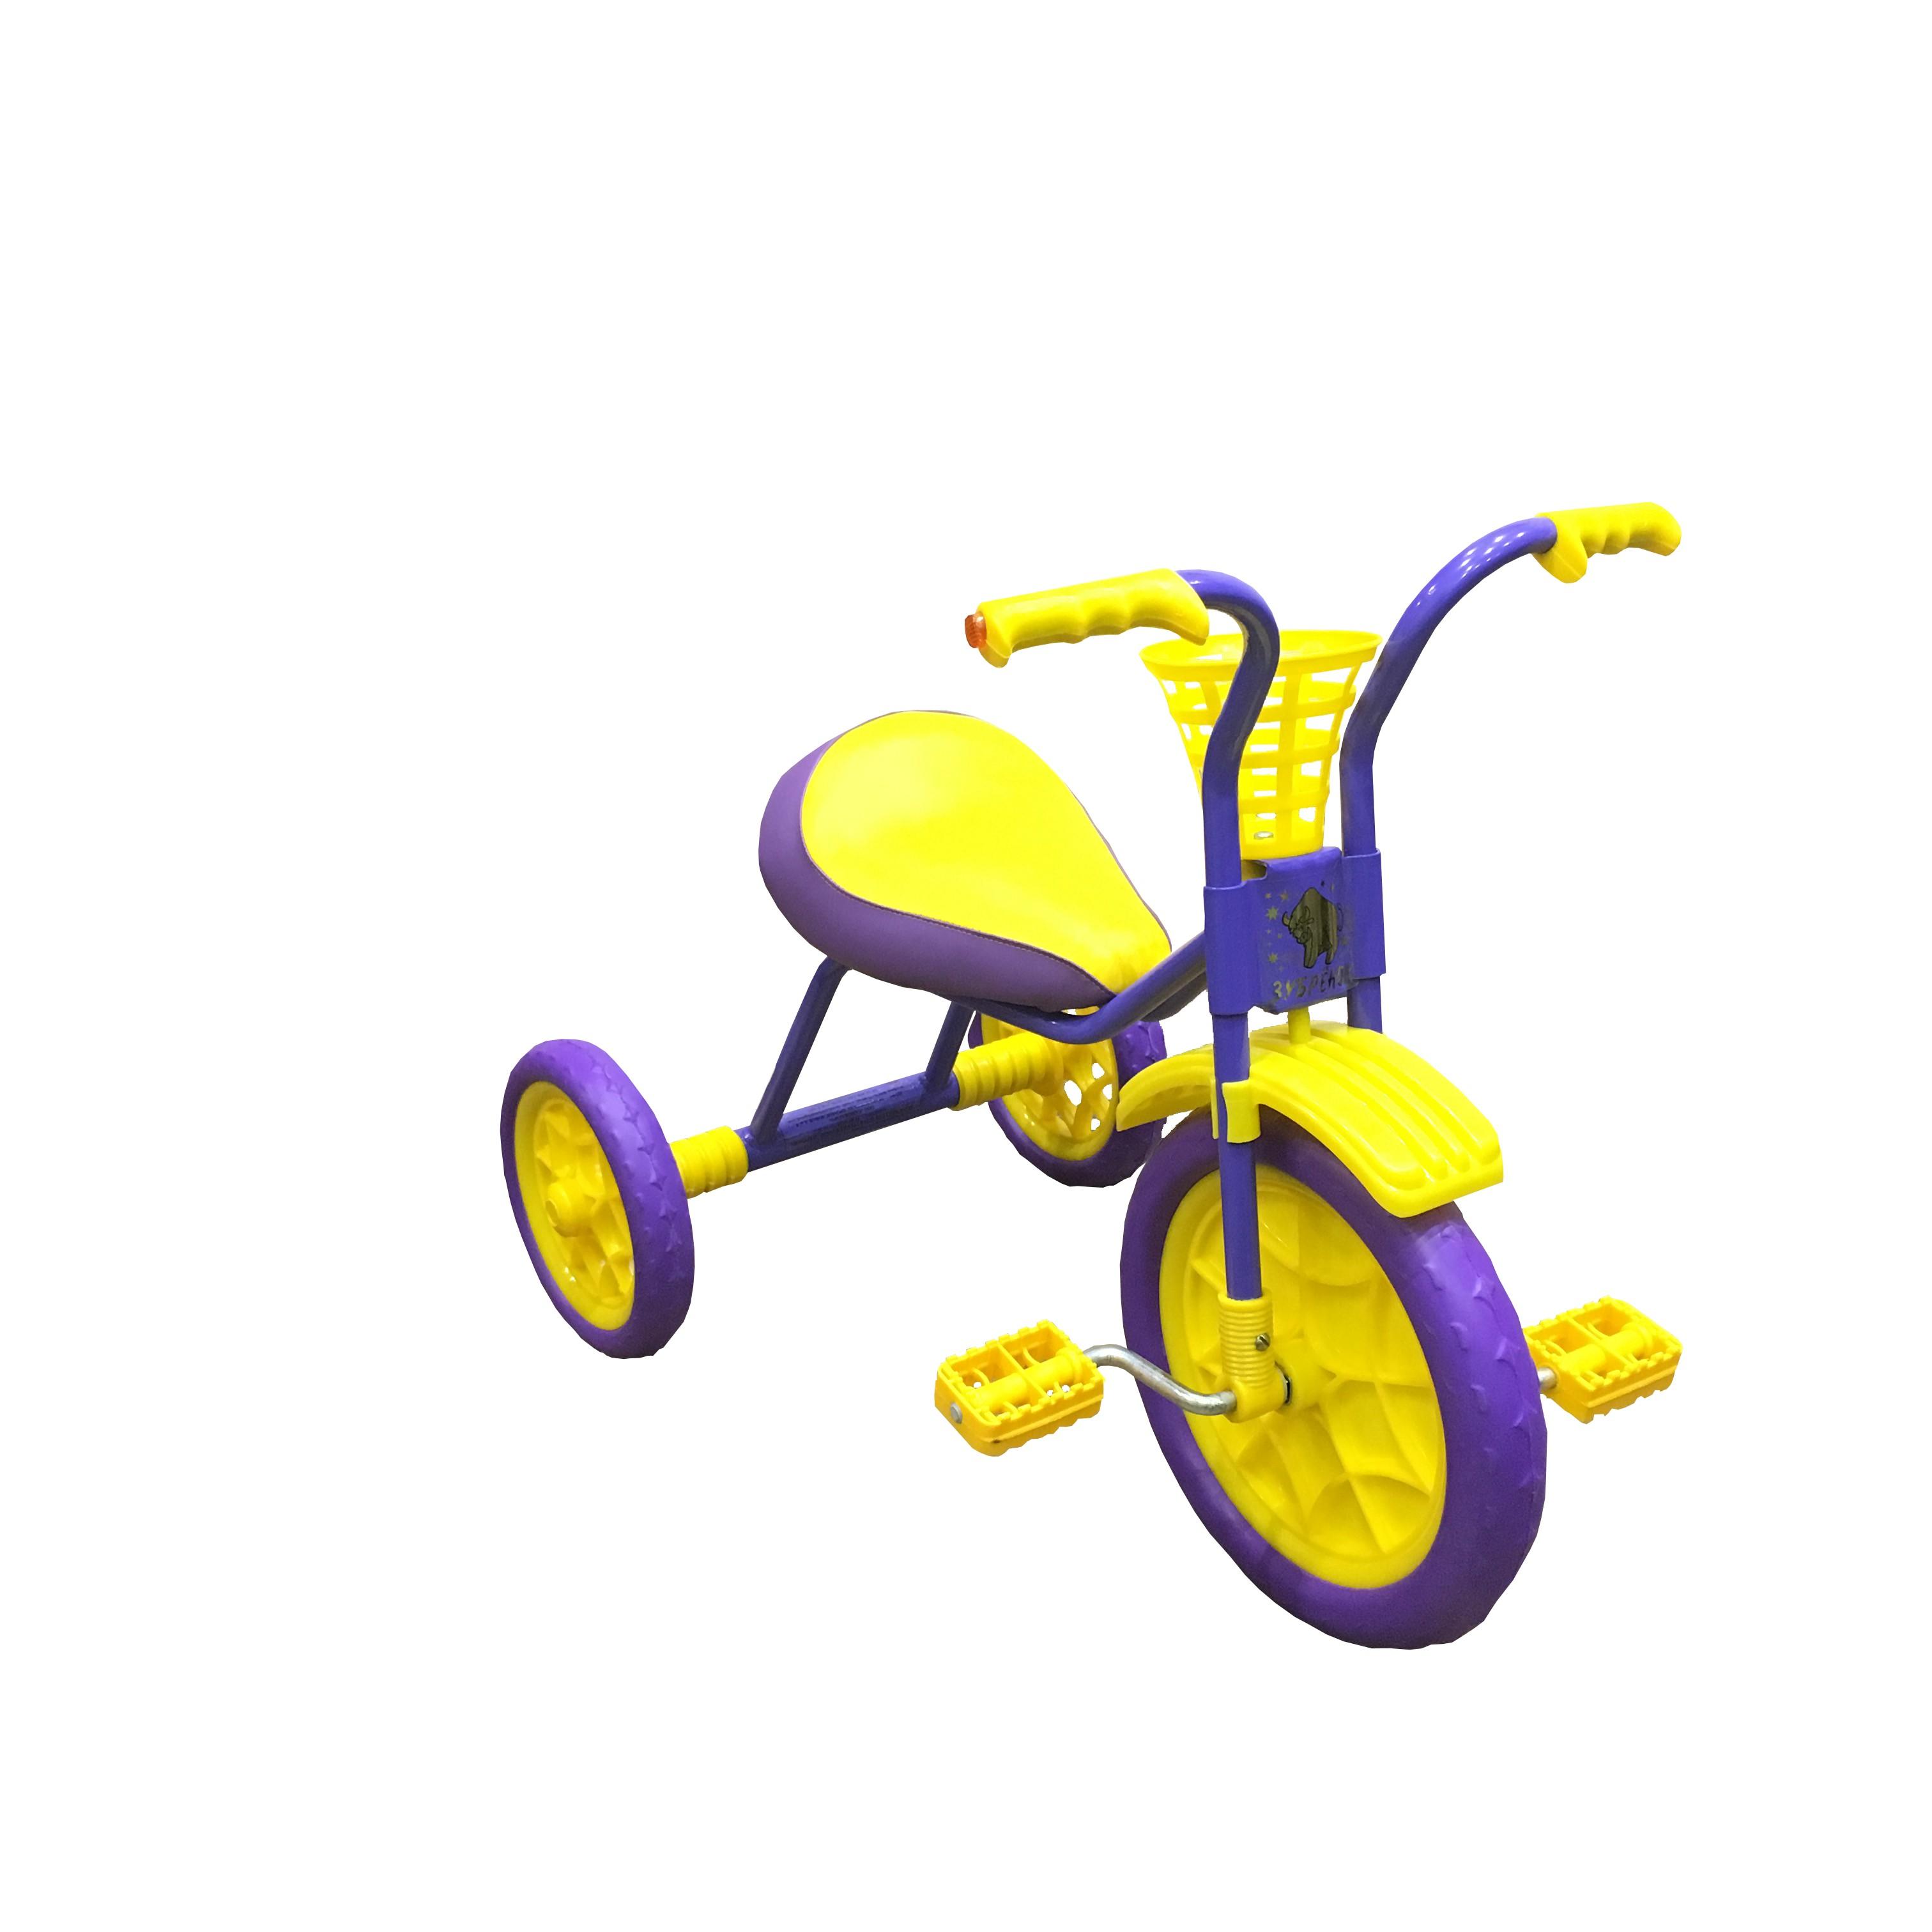 Купить Трехколесный велосипед Woodlines Зубренок Фиолетовый, Детские трехколесные велосипеды